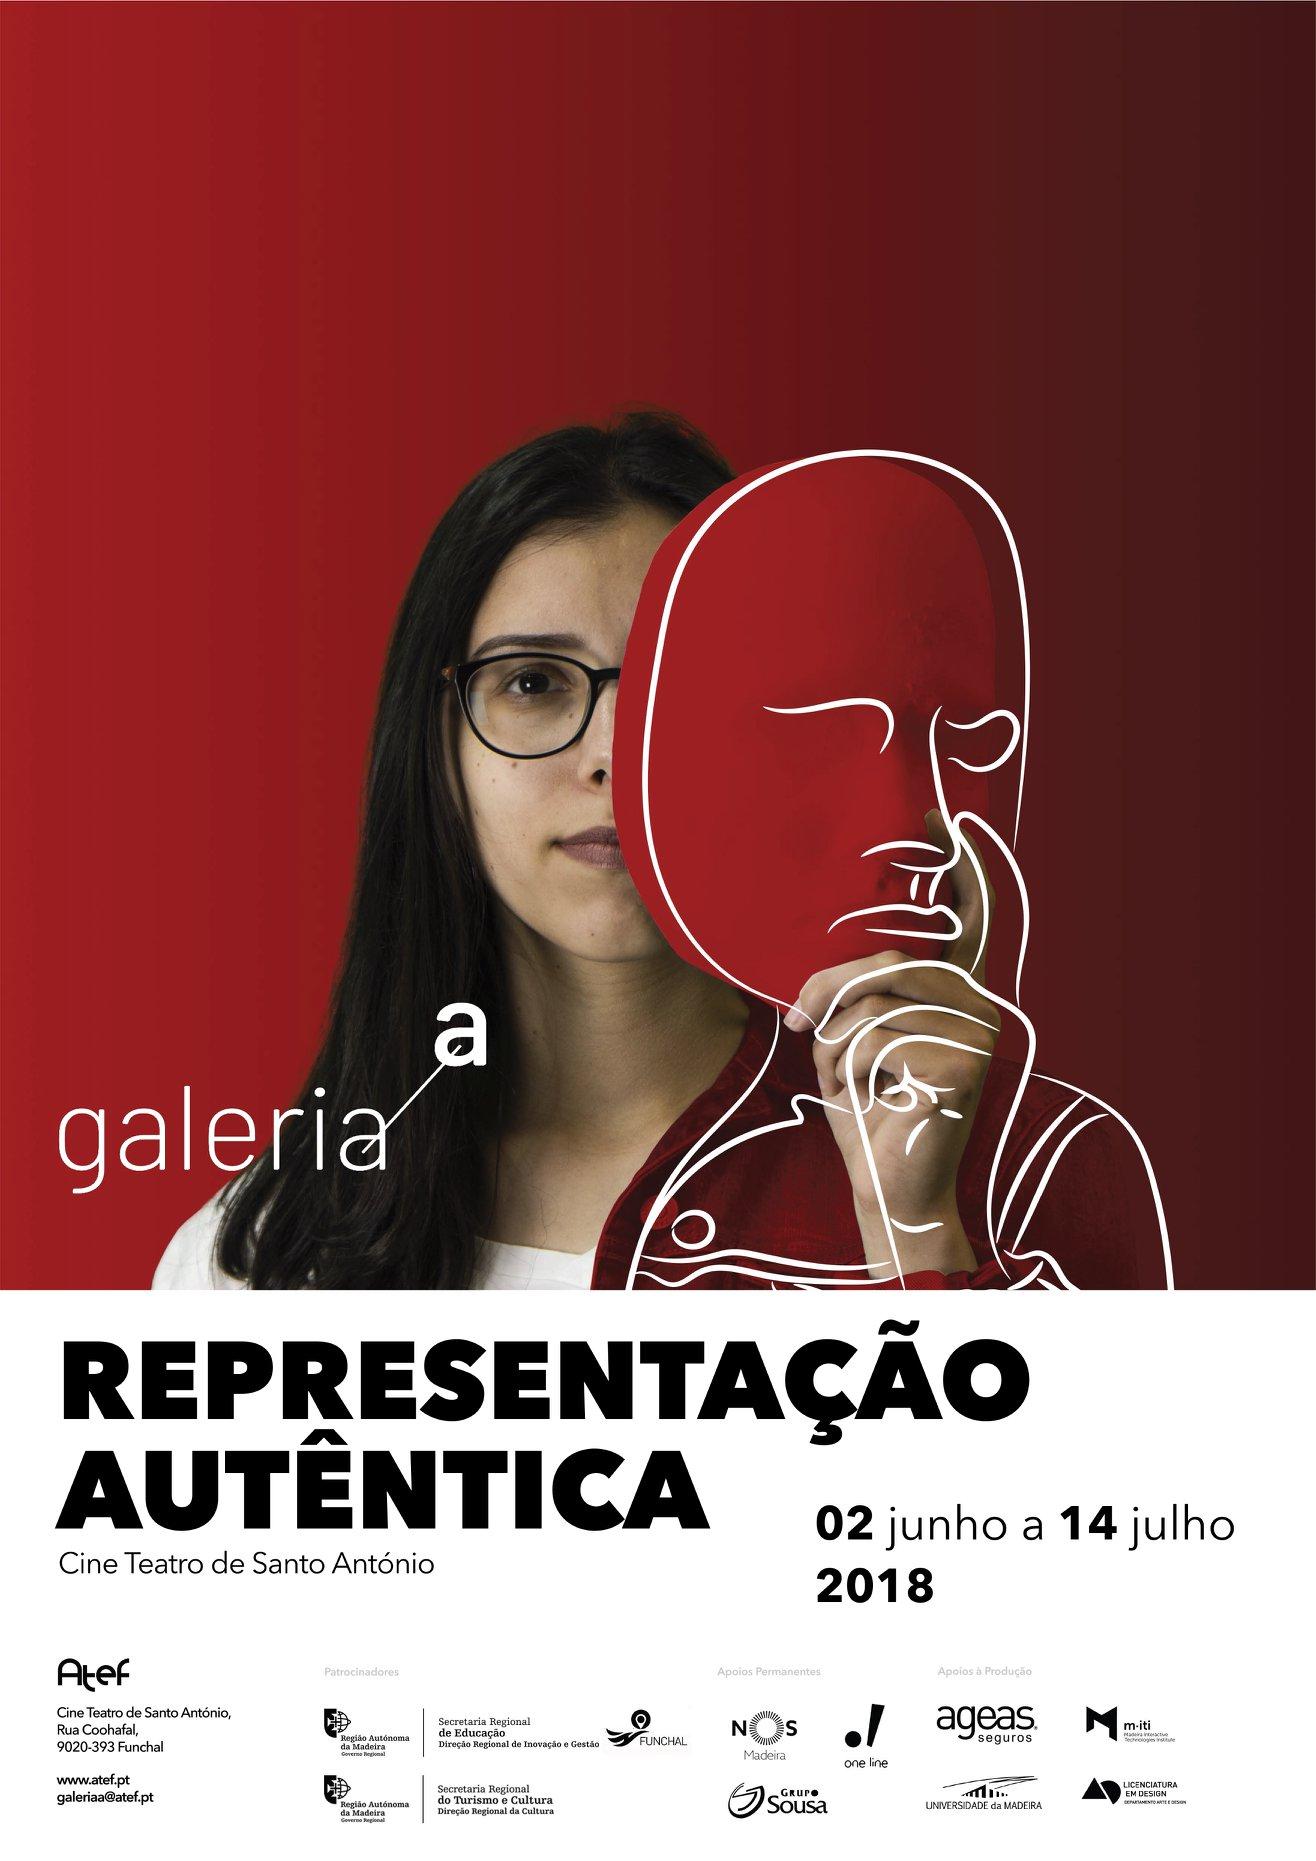 representacao_autentica